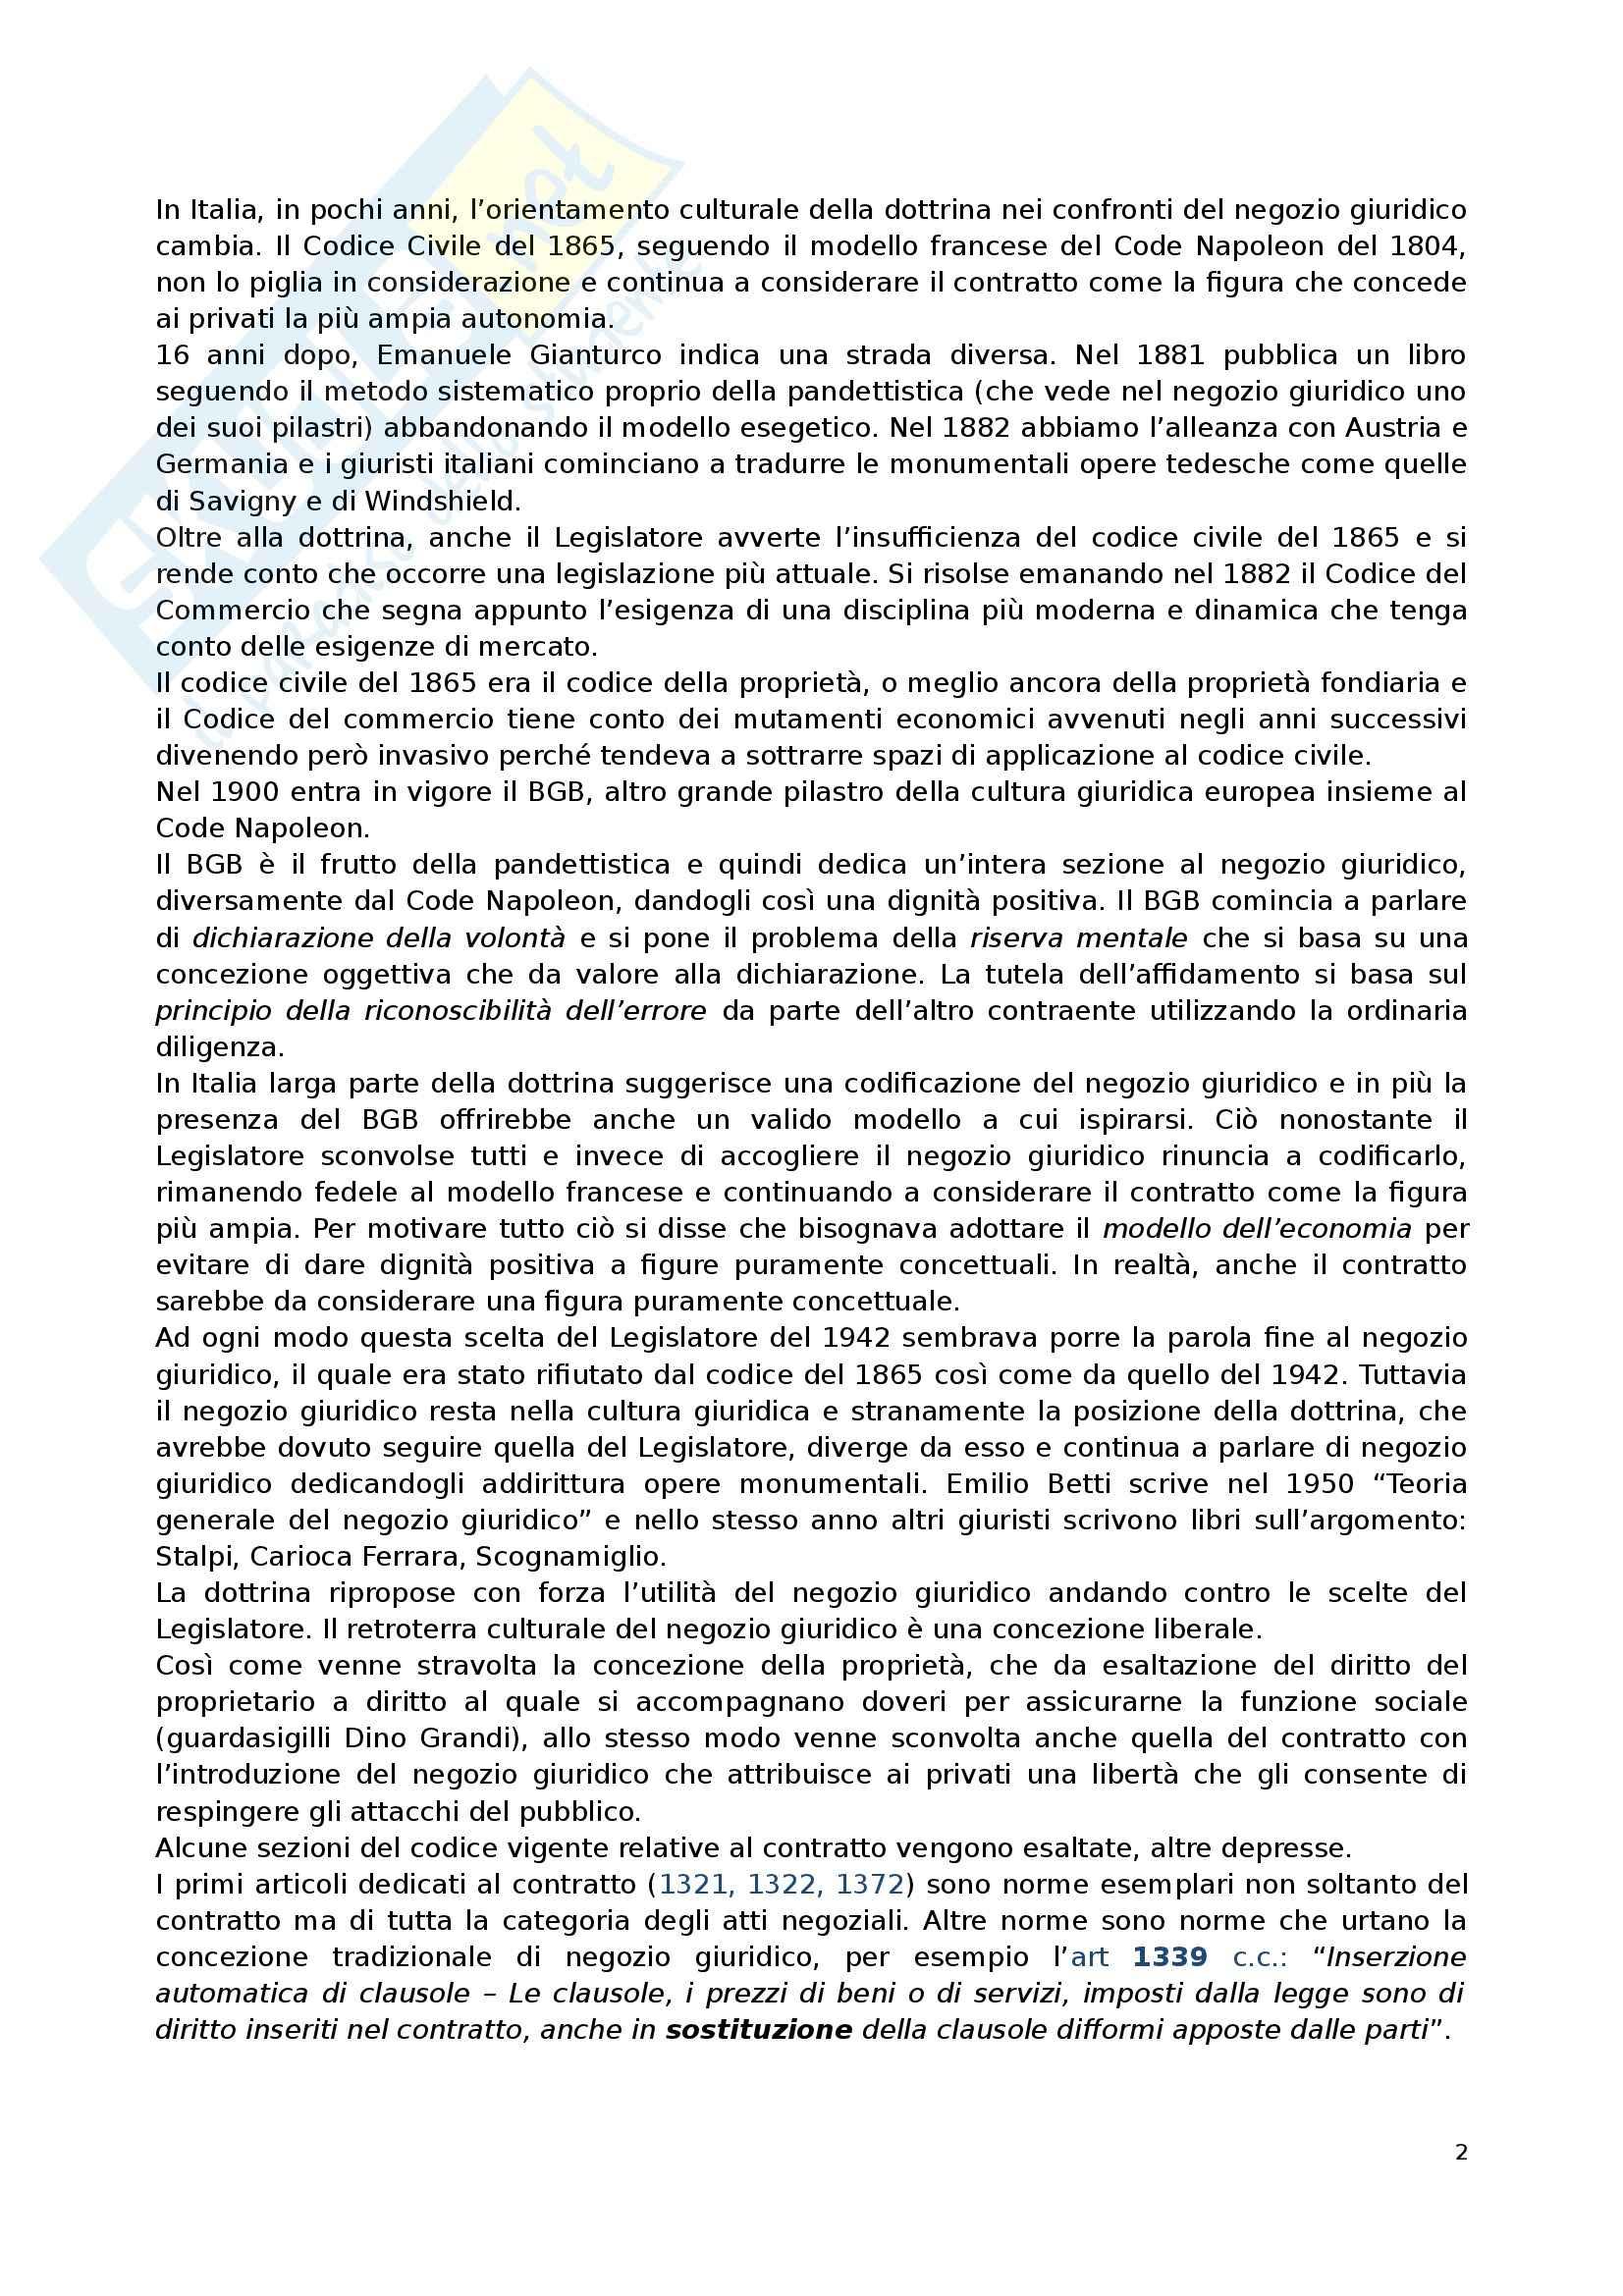 Diritto privato 2 - Appunti Pag. 2